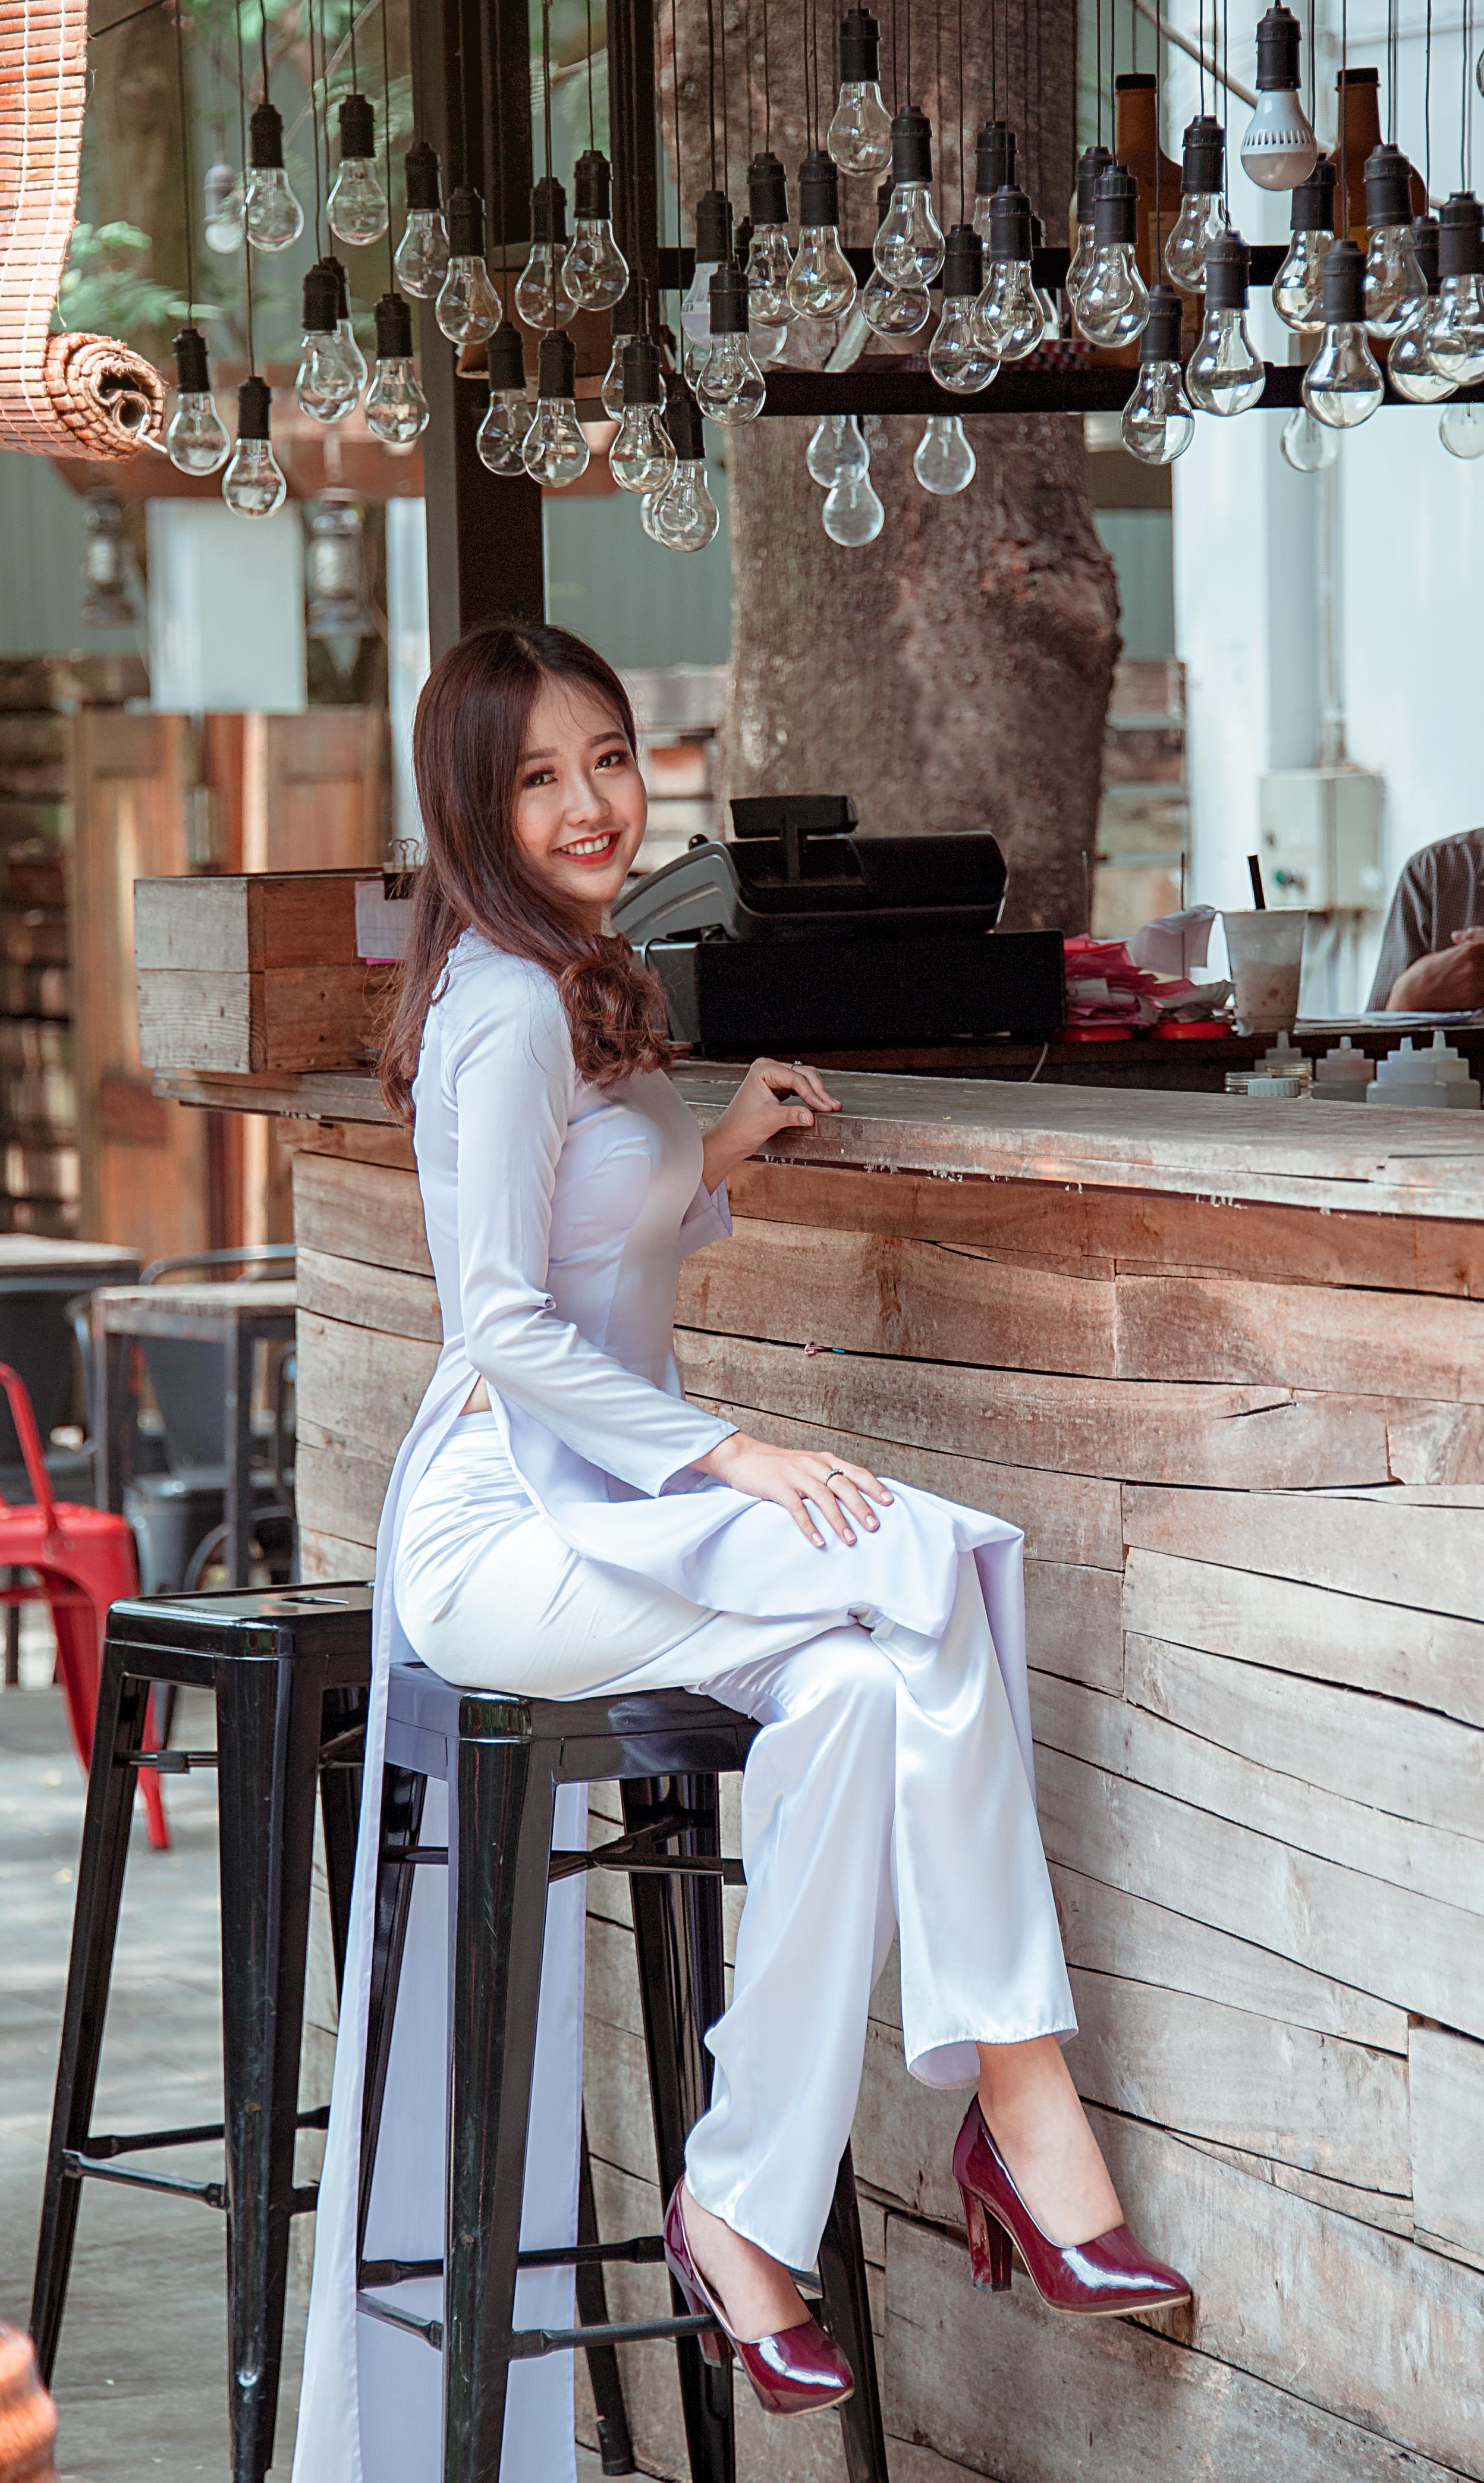 愛 可愛い ポートレート 綺麗な ハッピー 女の子 ショルダー 座っている ファッション ソーダライト 家具